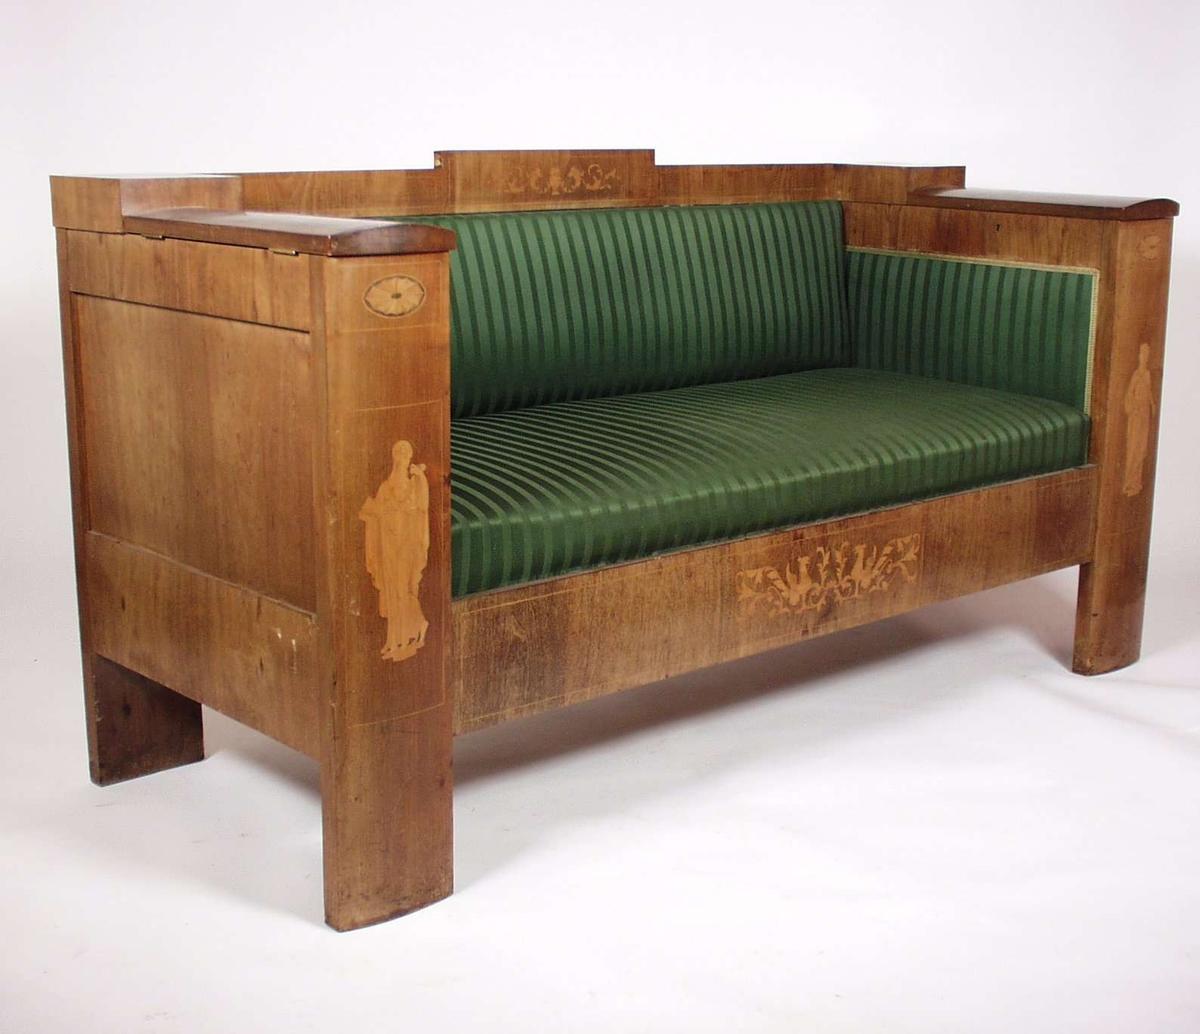 Sofaen er i tre med stoppet sete i grønt ullstoff. Sofaen har et lite rom i hvert armlene med nøkkel.To brikker ligger i det ene rommet.  Sofane har intarsiadekor  i sargen foran, på ryggstø og i front på armlenene.